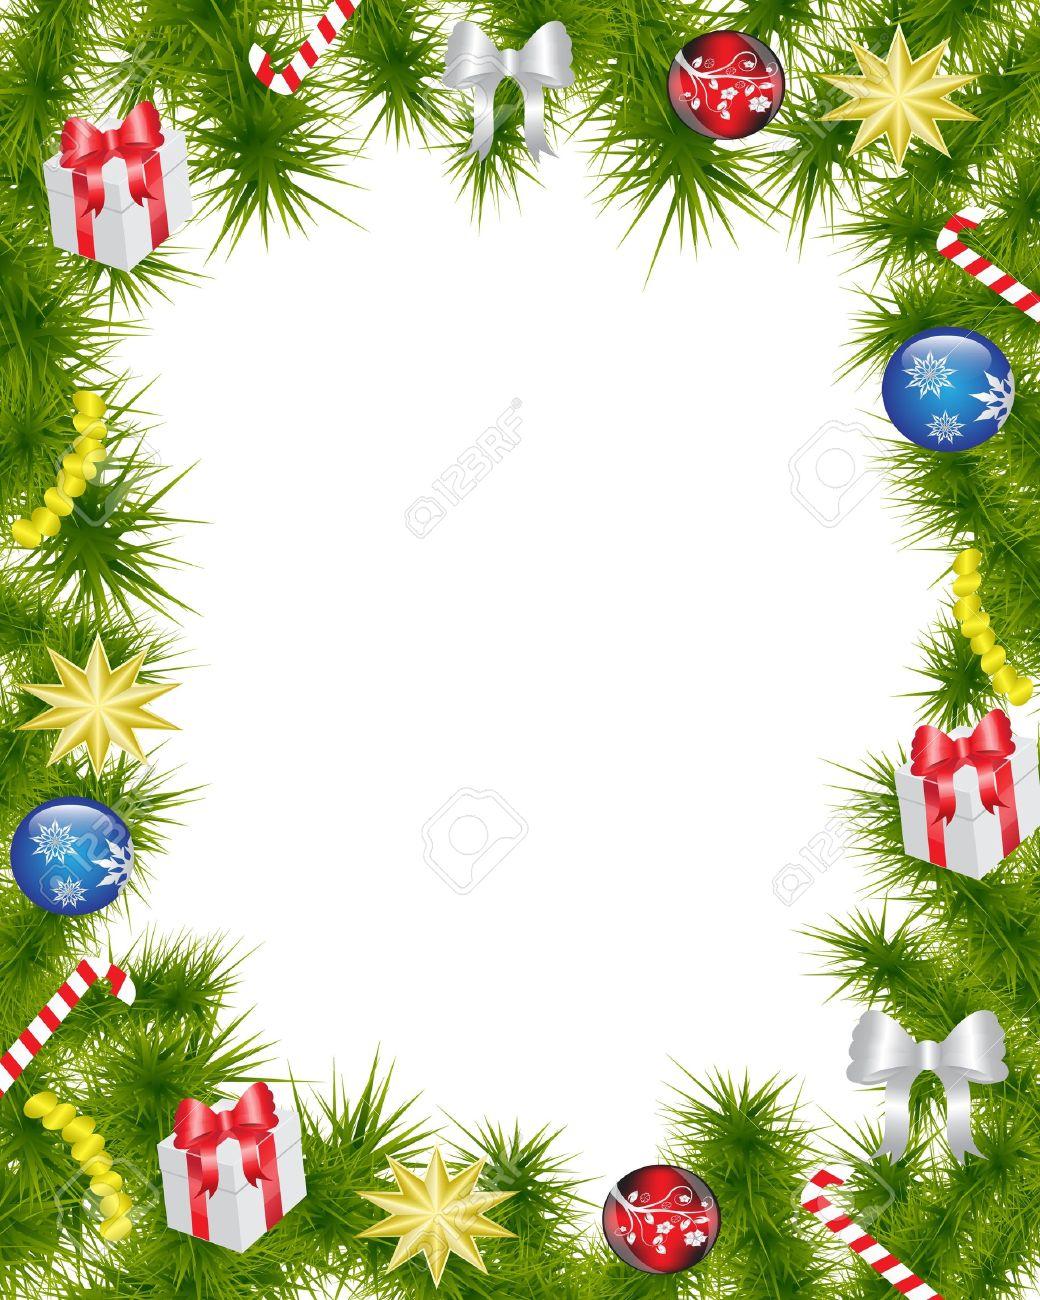 Atemberaubend Weihnachten Bilder Rahmen Ideen - Rahmen Ideen ...